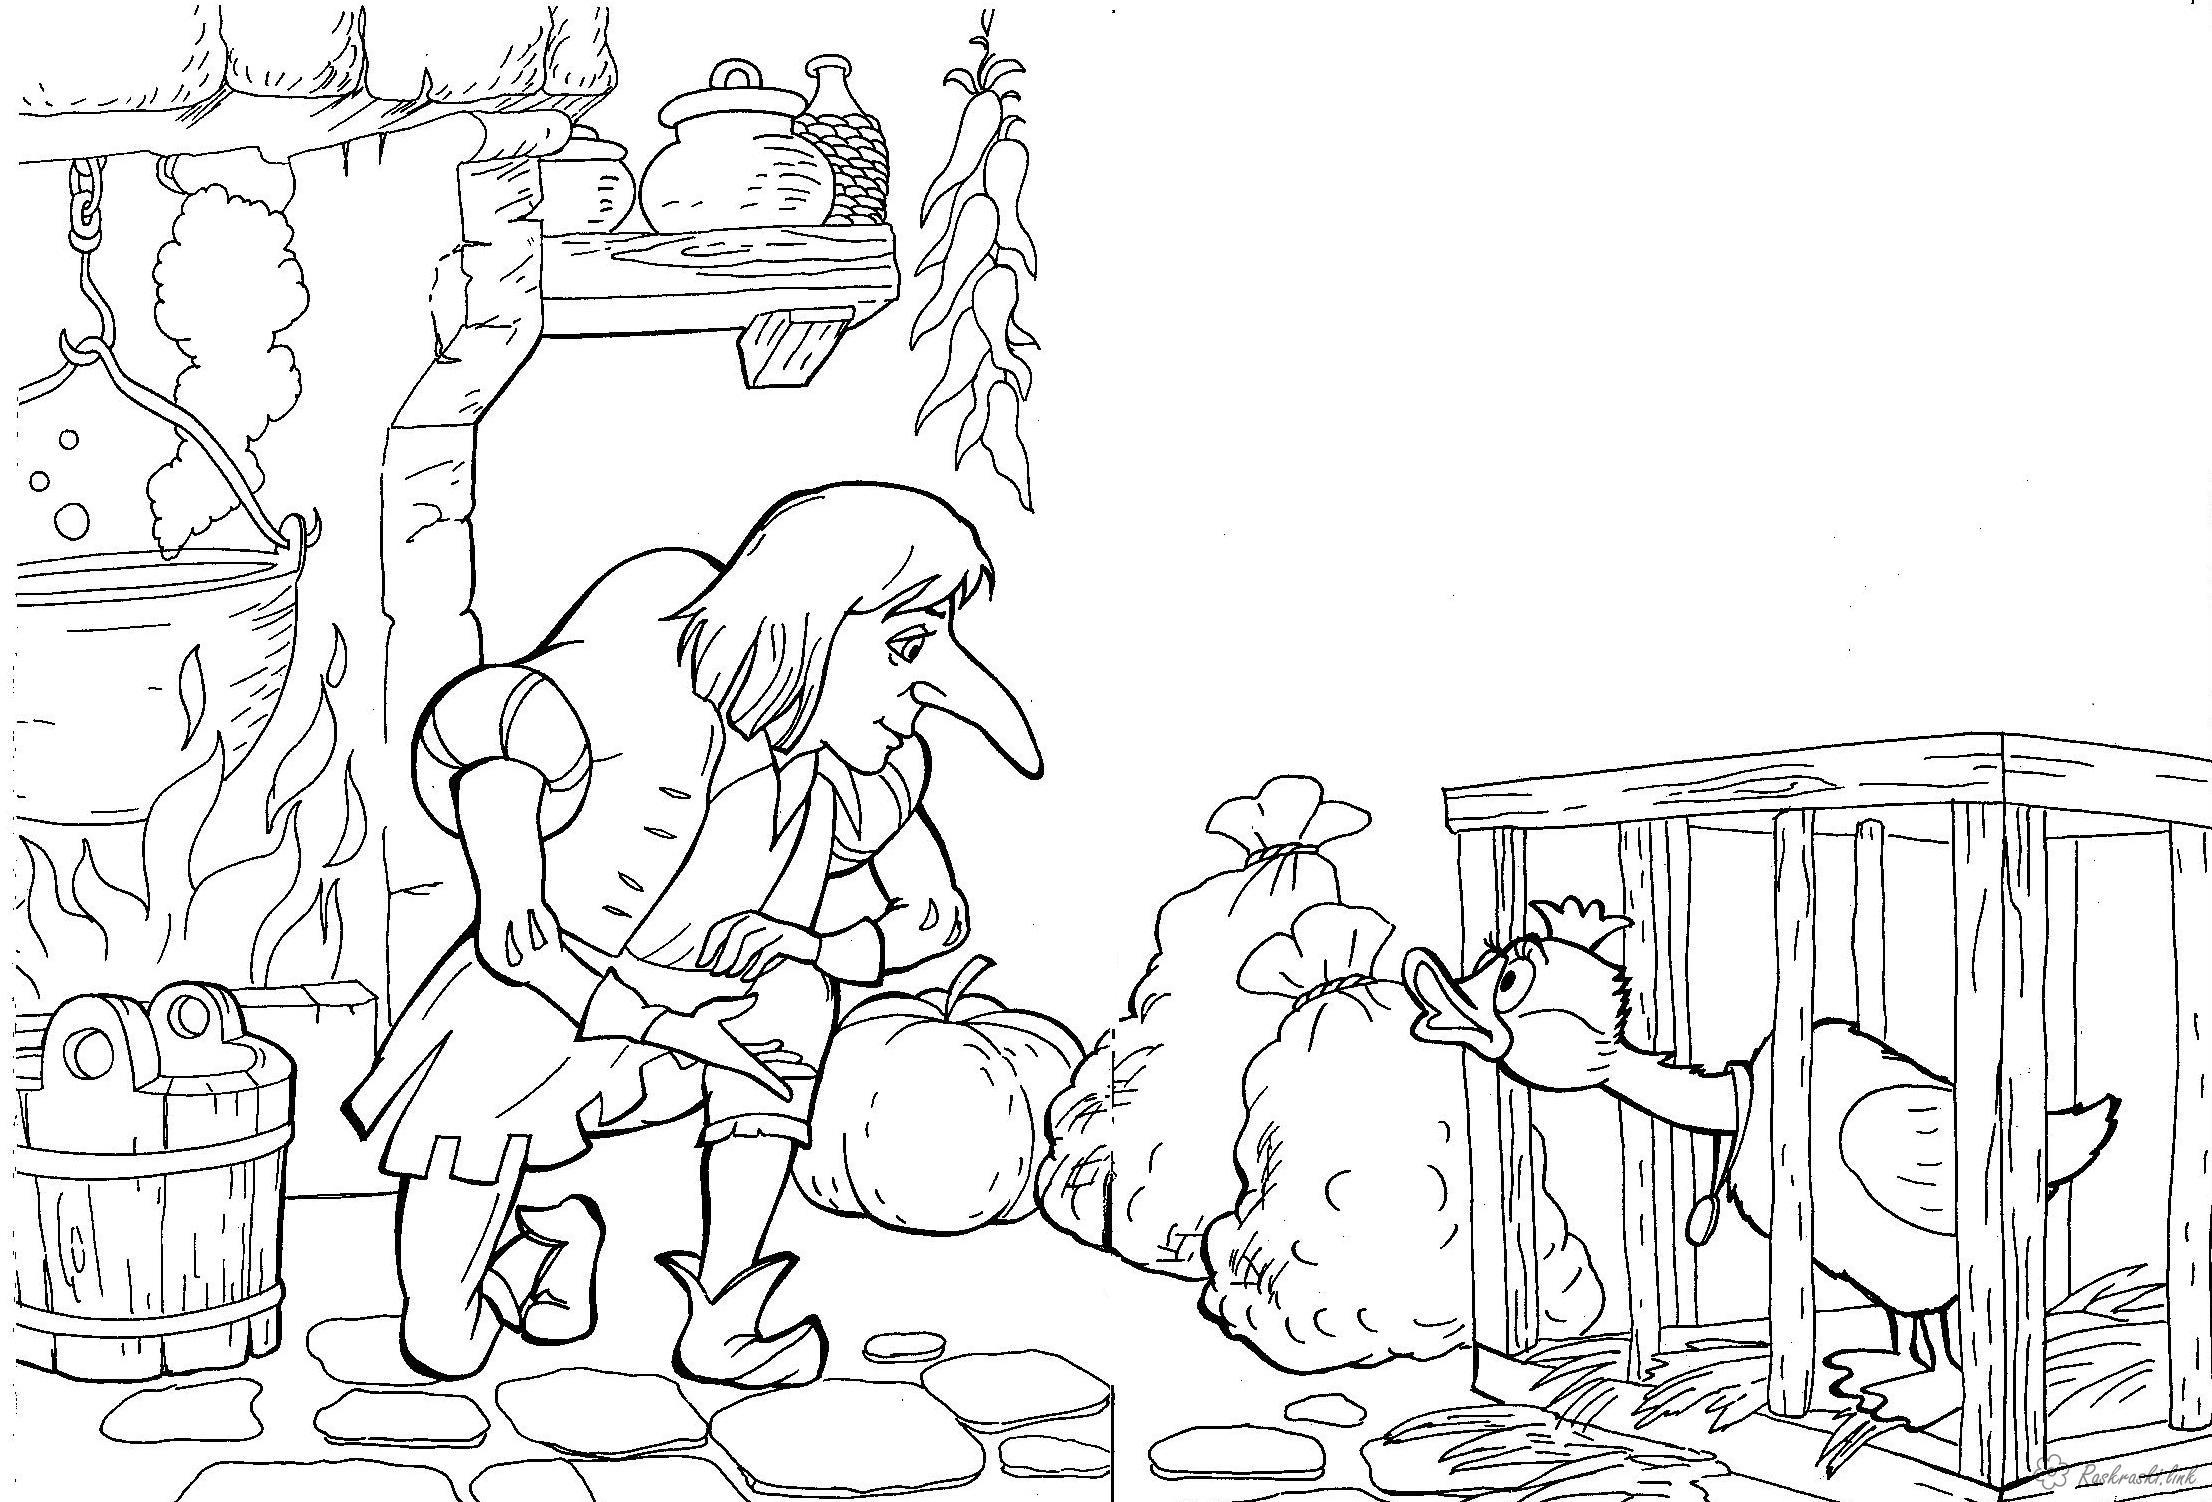 Раскраски нос карлик нос, раскраска, мультфильм, Гауф, Якоб, Мими, гусыня, гуси, клетка, медальон